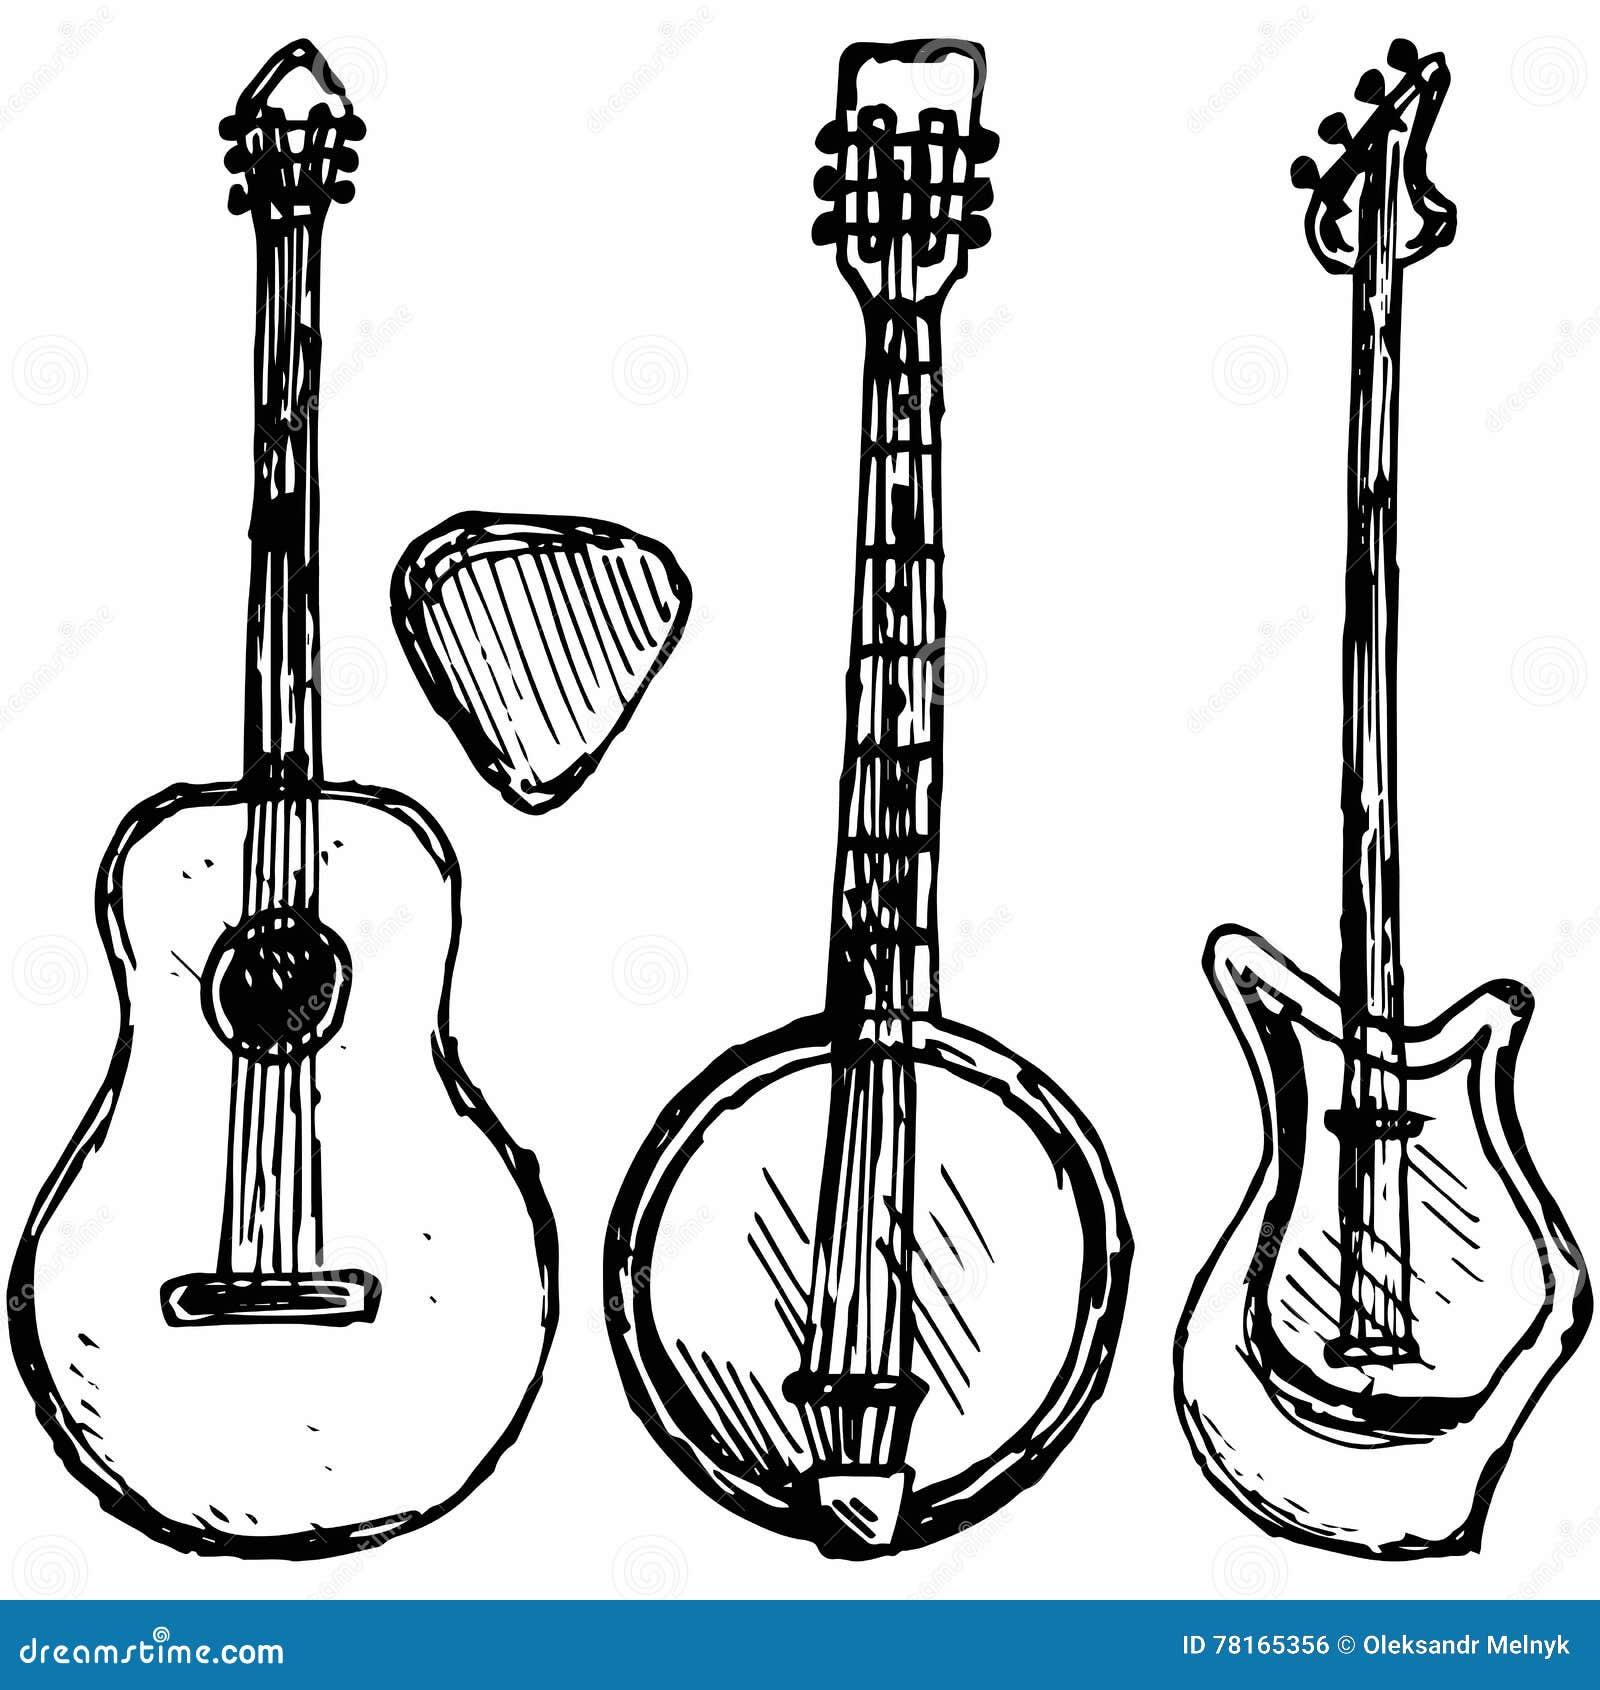 Guitar plectrum, guitar and banjo